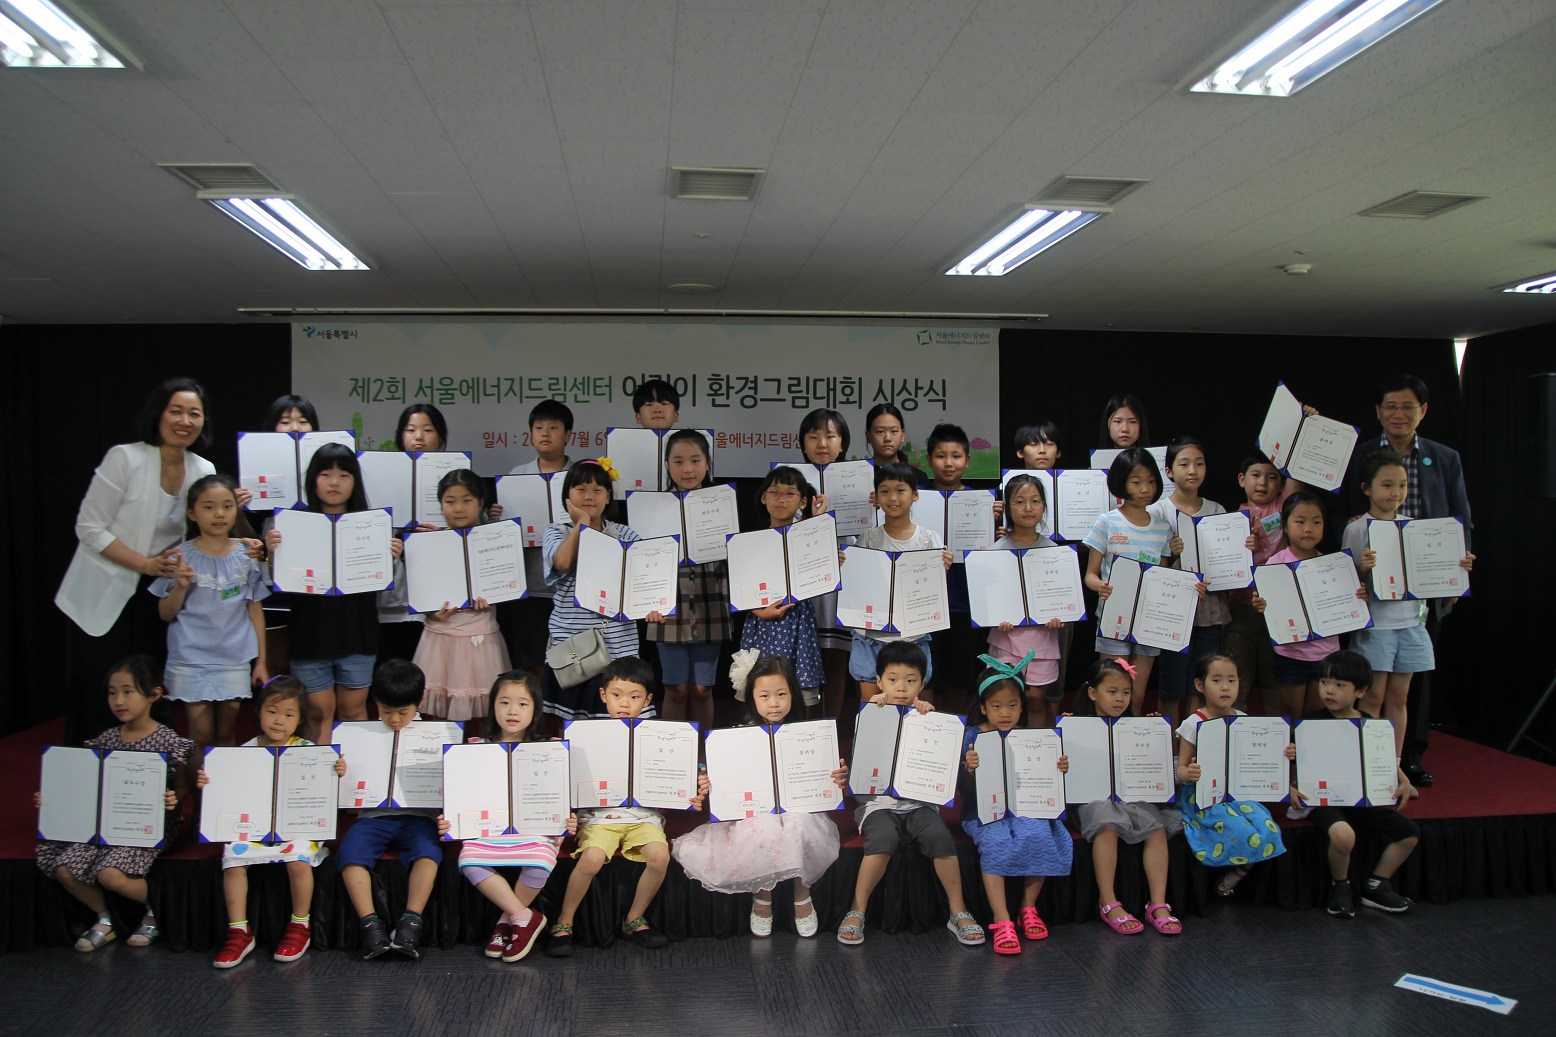 제2회 어린이환경그림대회 시상식